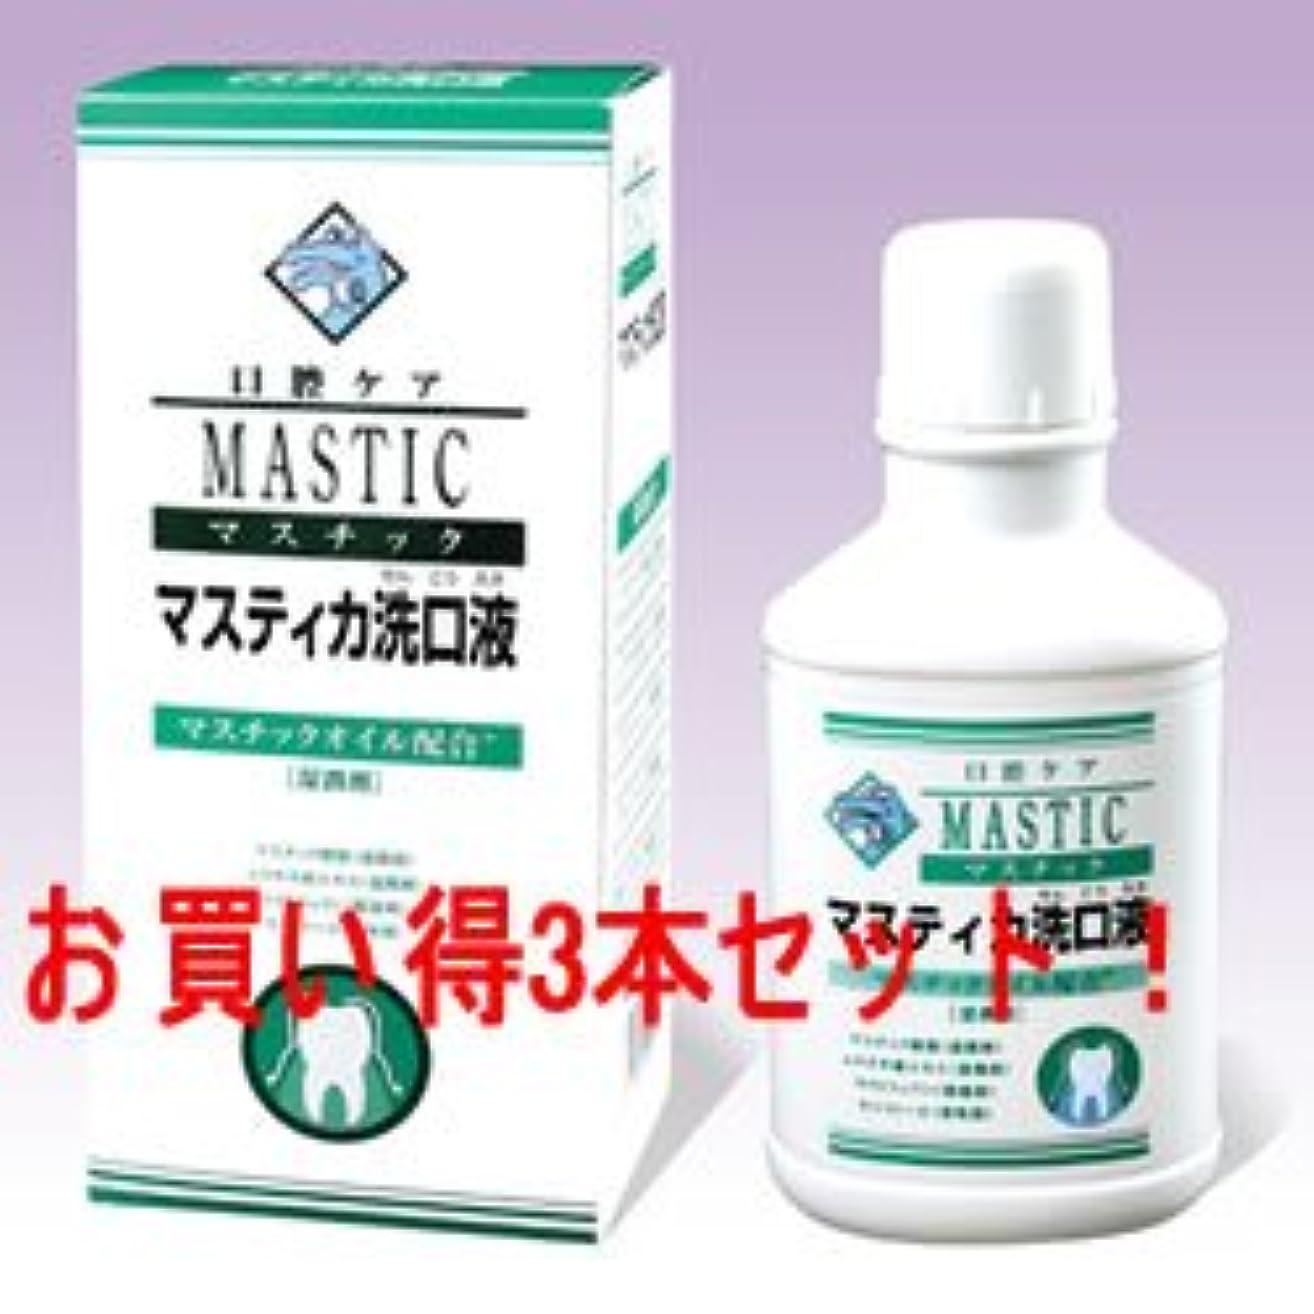 モンキー申し立てられた出発マスチック マスティカ洗口液480ml(3本セット)